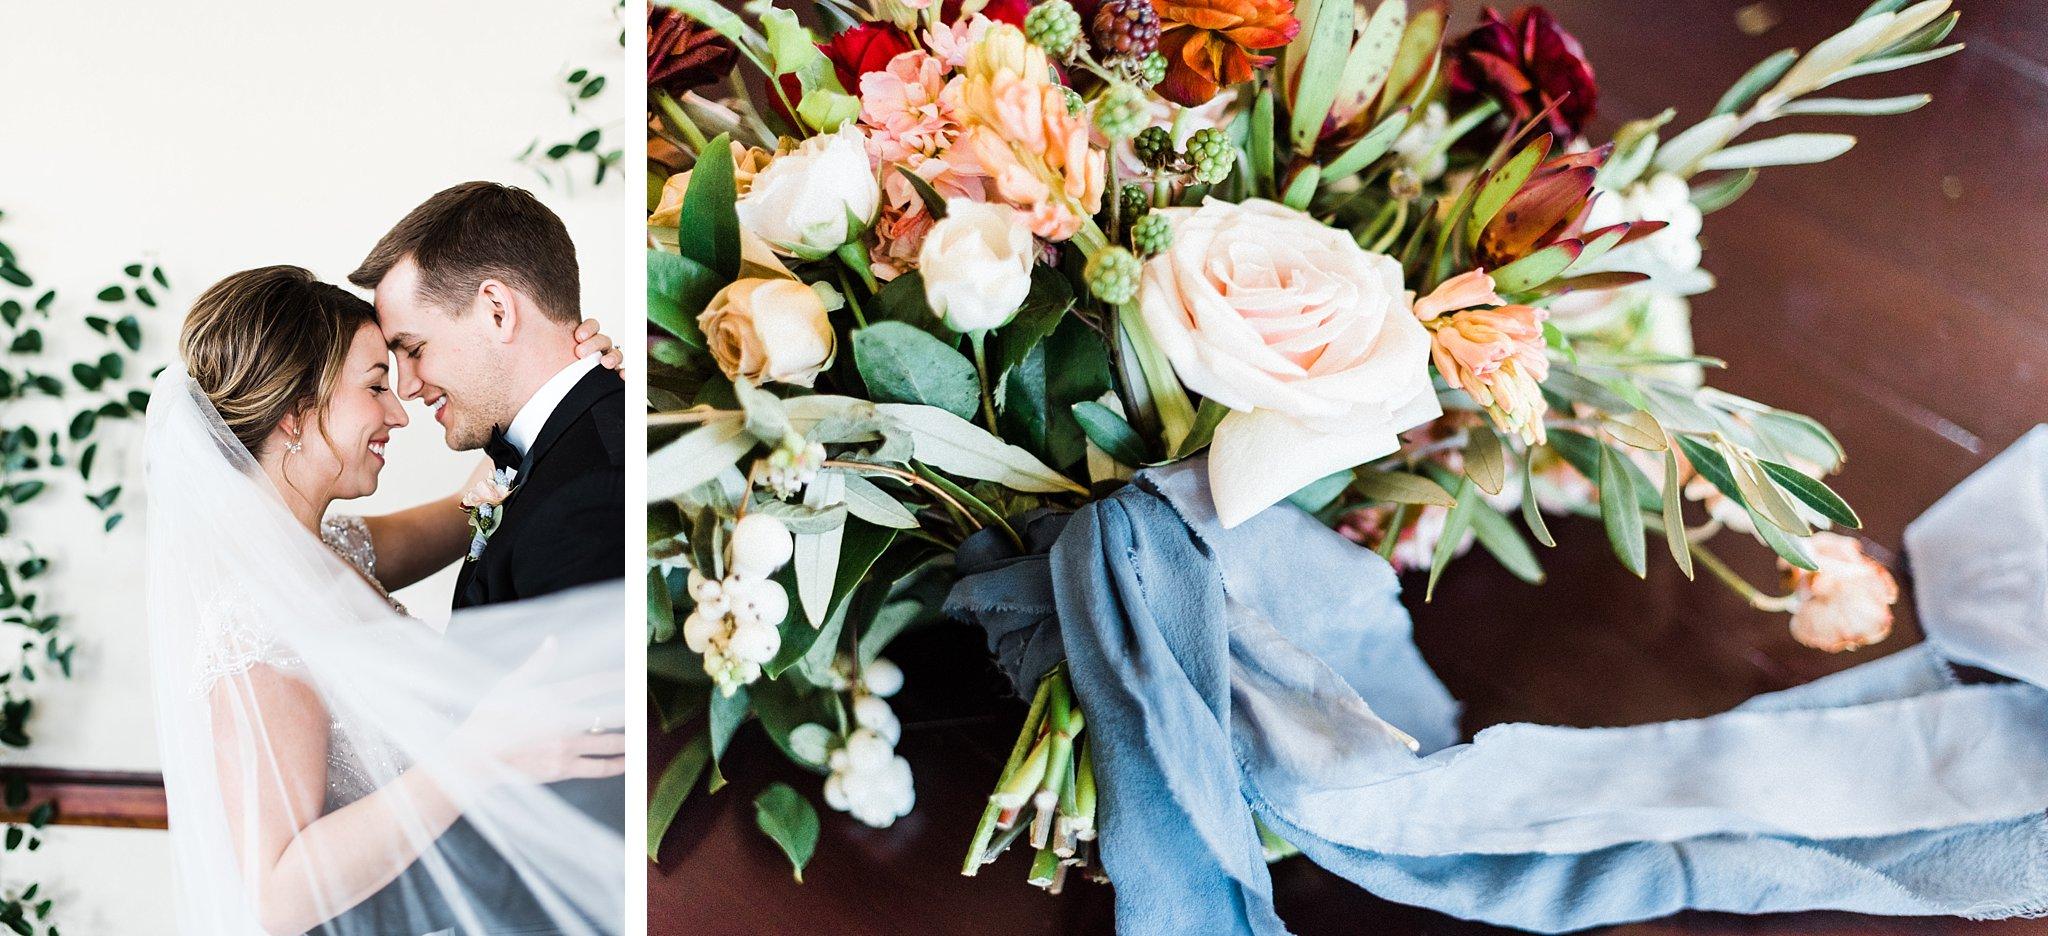 cincinnati wedding photographer11.jpg